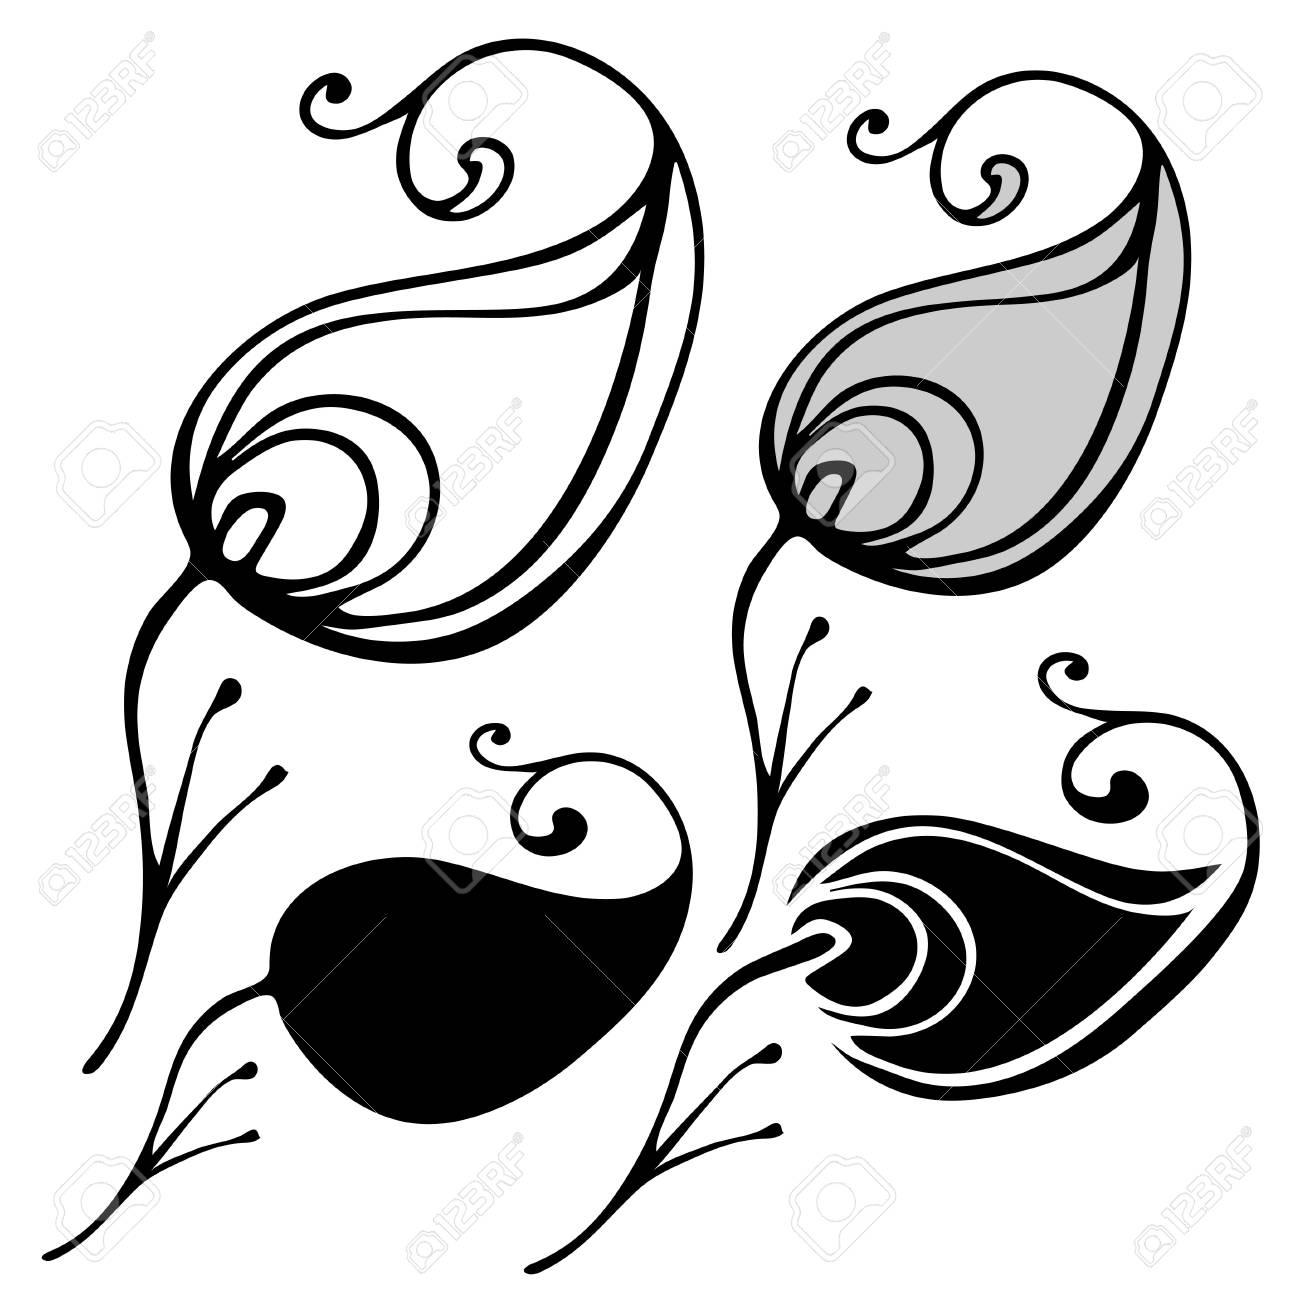 Fabulosos Pájaros Y Flores En Estilo Blanco Y Negro Se Puede Utilizar Para Imprimir En Papel Adhesivos Tarjetas Postales Bisutería Textiles